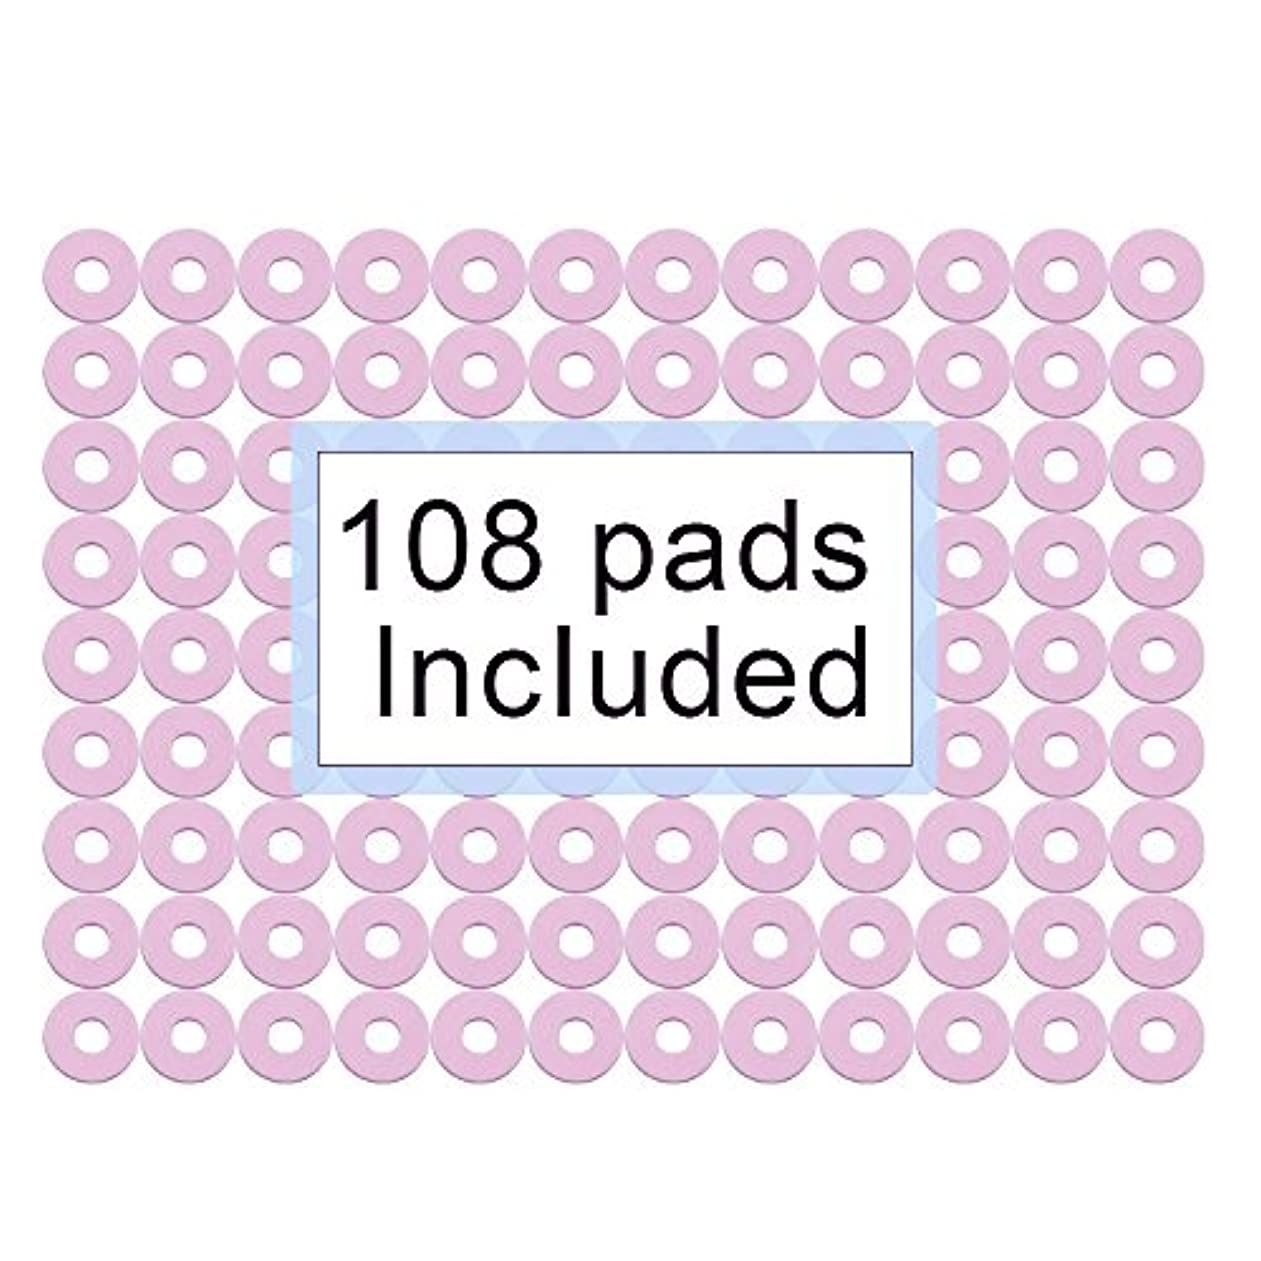 パキスタン人ステートメントいたずらな108個入-うおの目保護パッド 1''セルフスティックサークル 足裏パッド 防水 タコ ウオノメ保護用 摩擦防止足の痛みを和らげる-Welnove